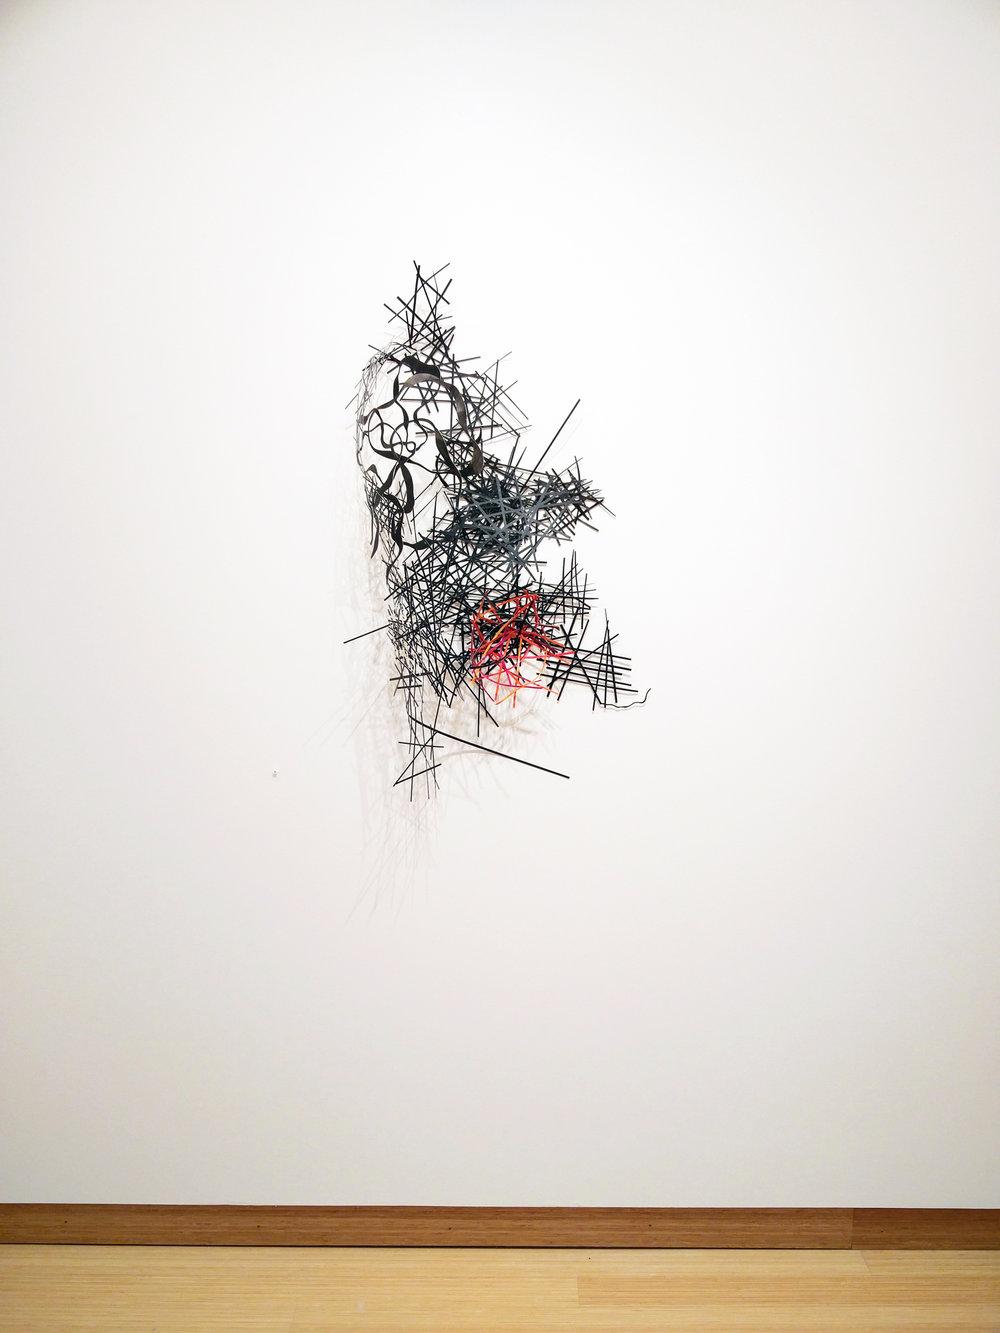 pinned-drawing-#1.jpg